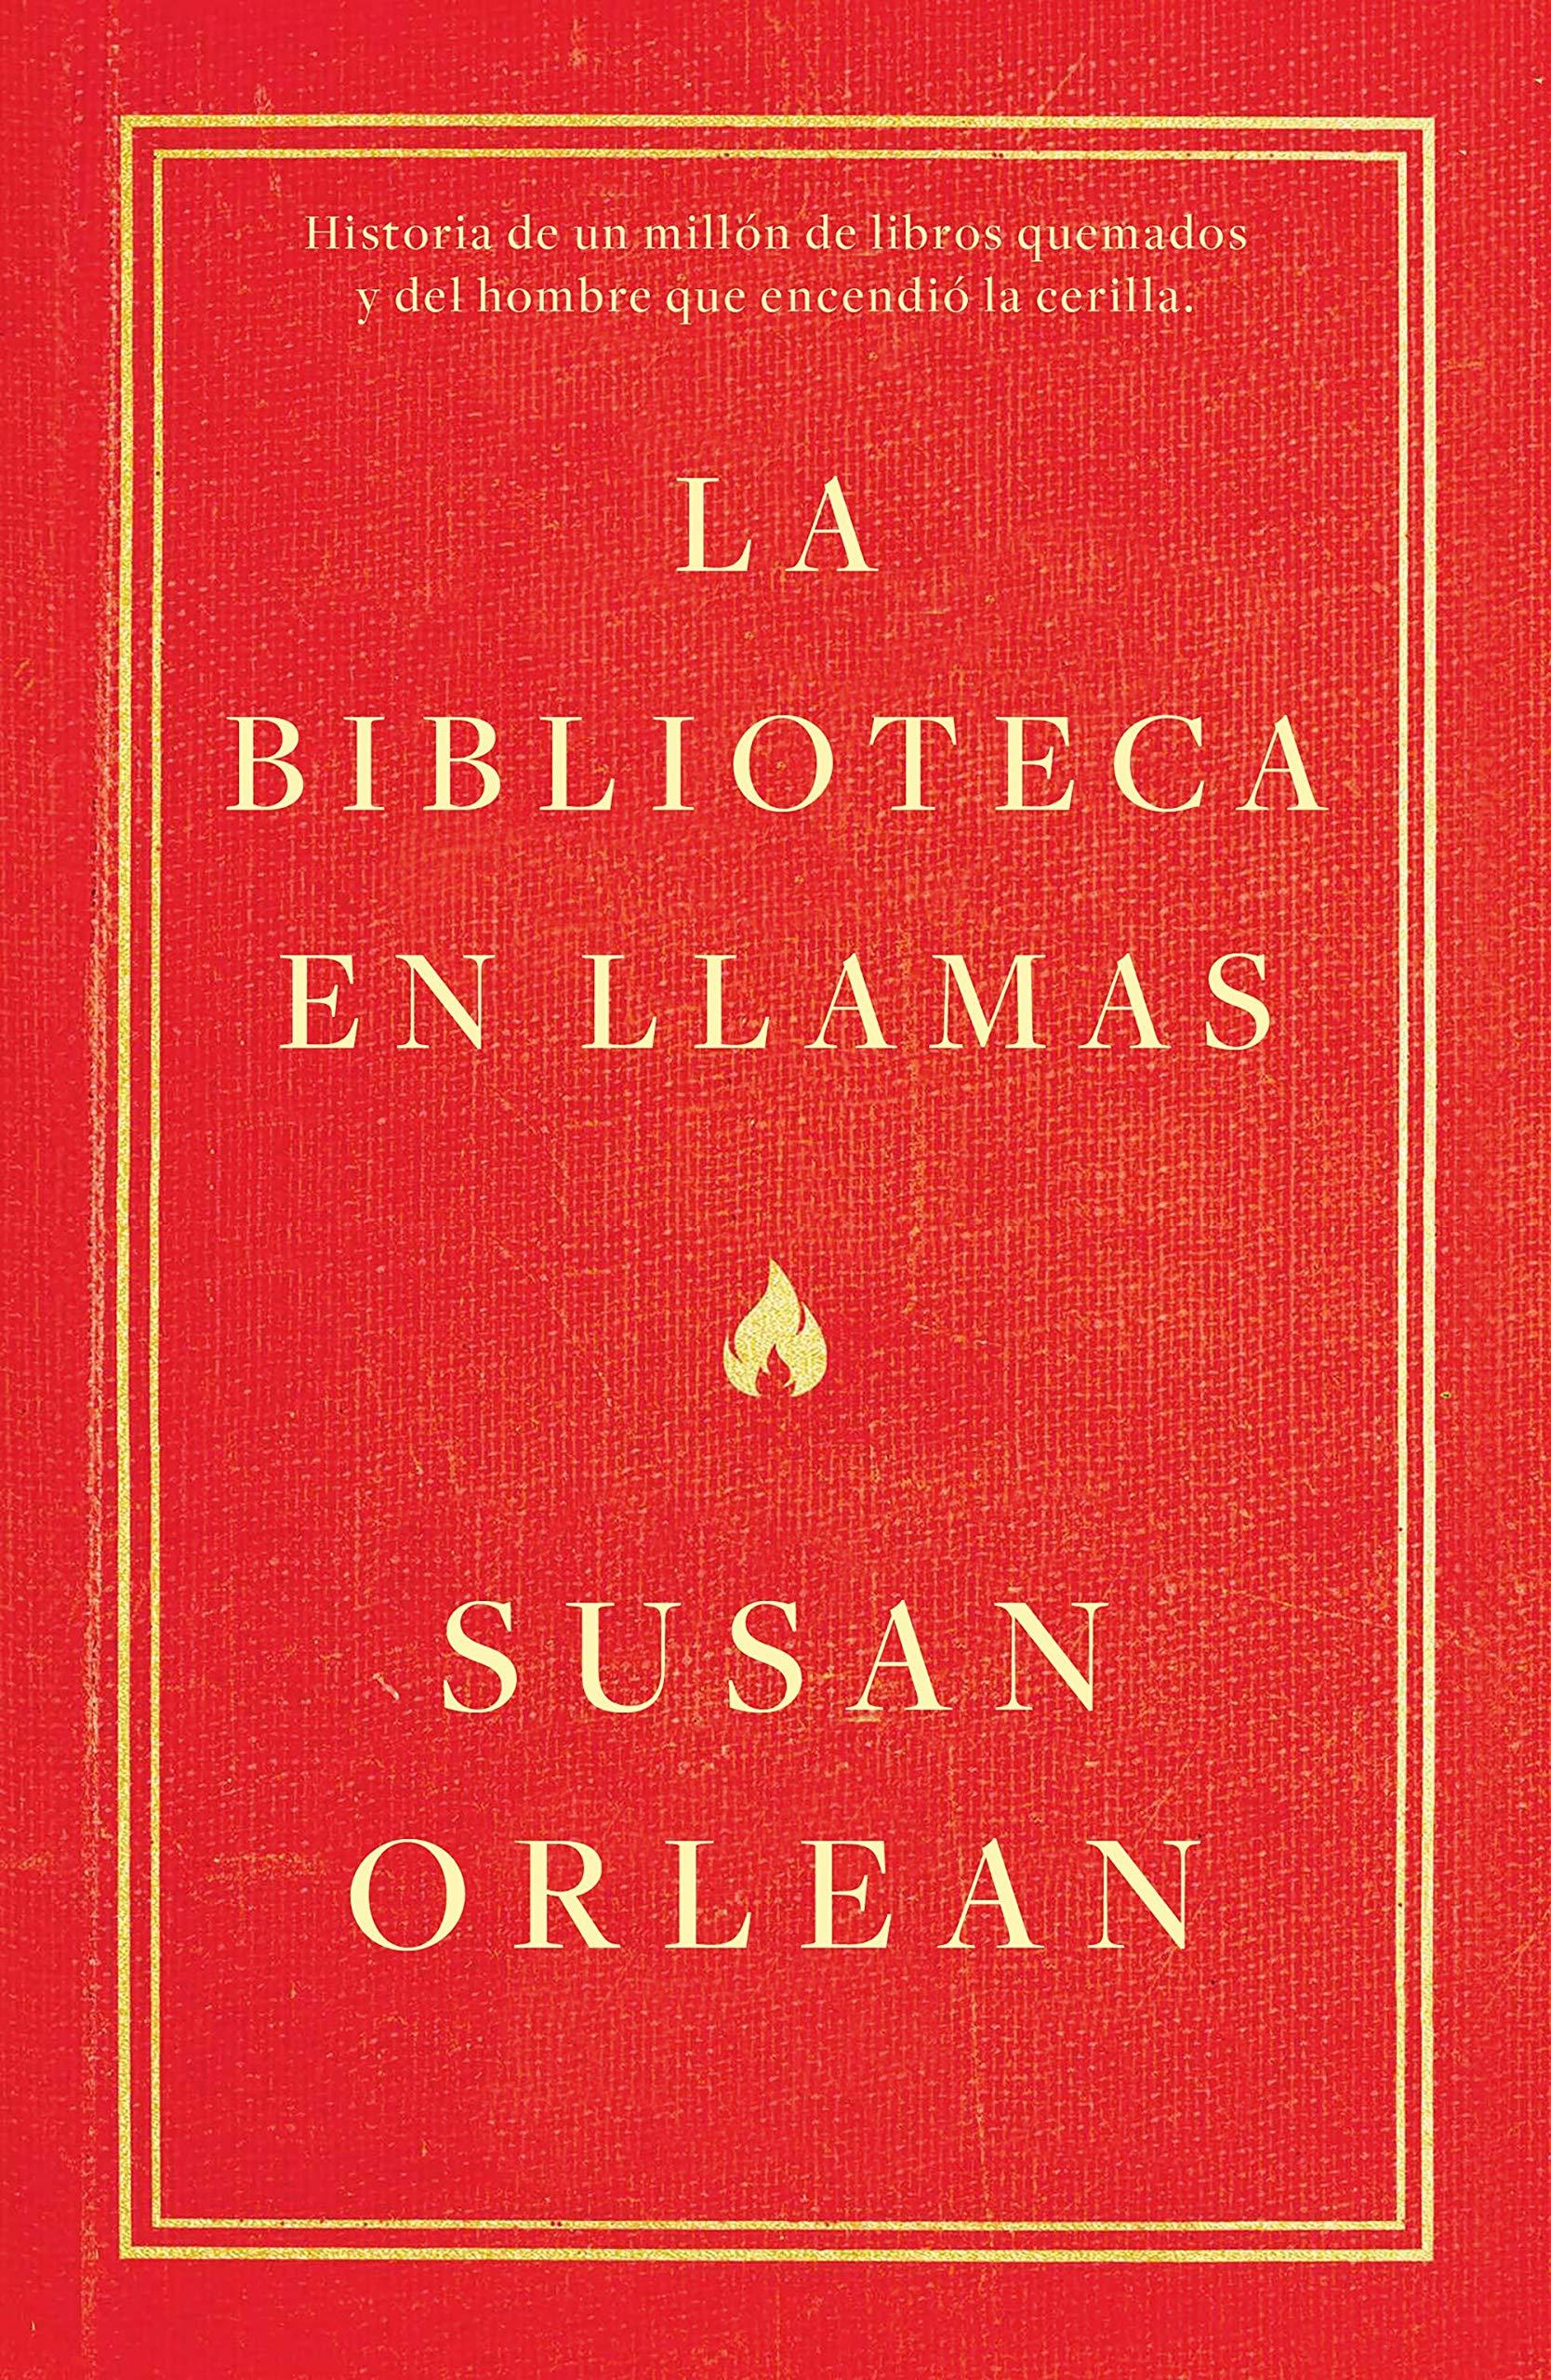 La biblioteca en llamas: Historia de un millón de libros quemados y del  hombre que encendió la cerilla temas de hoy: Amazon.es: Susan Orlean, ...